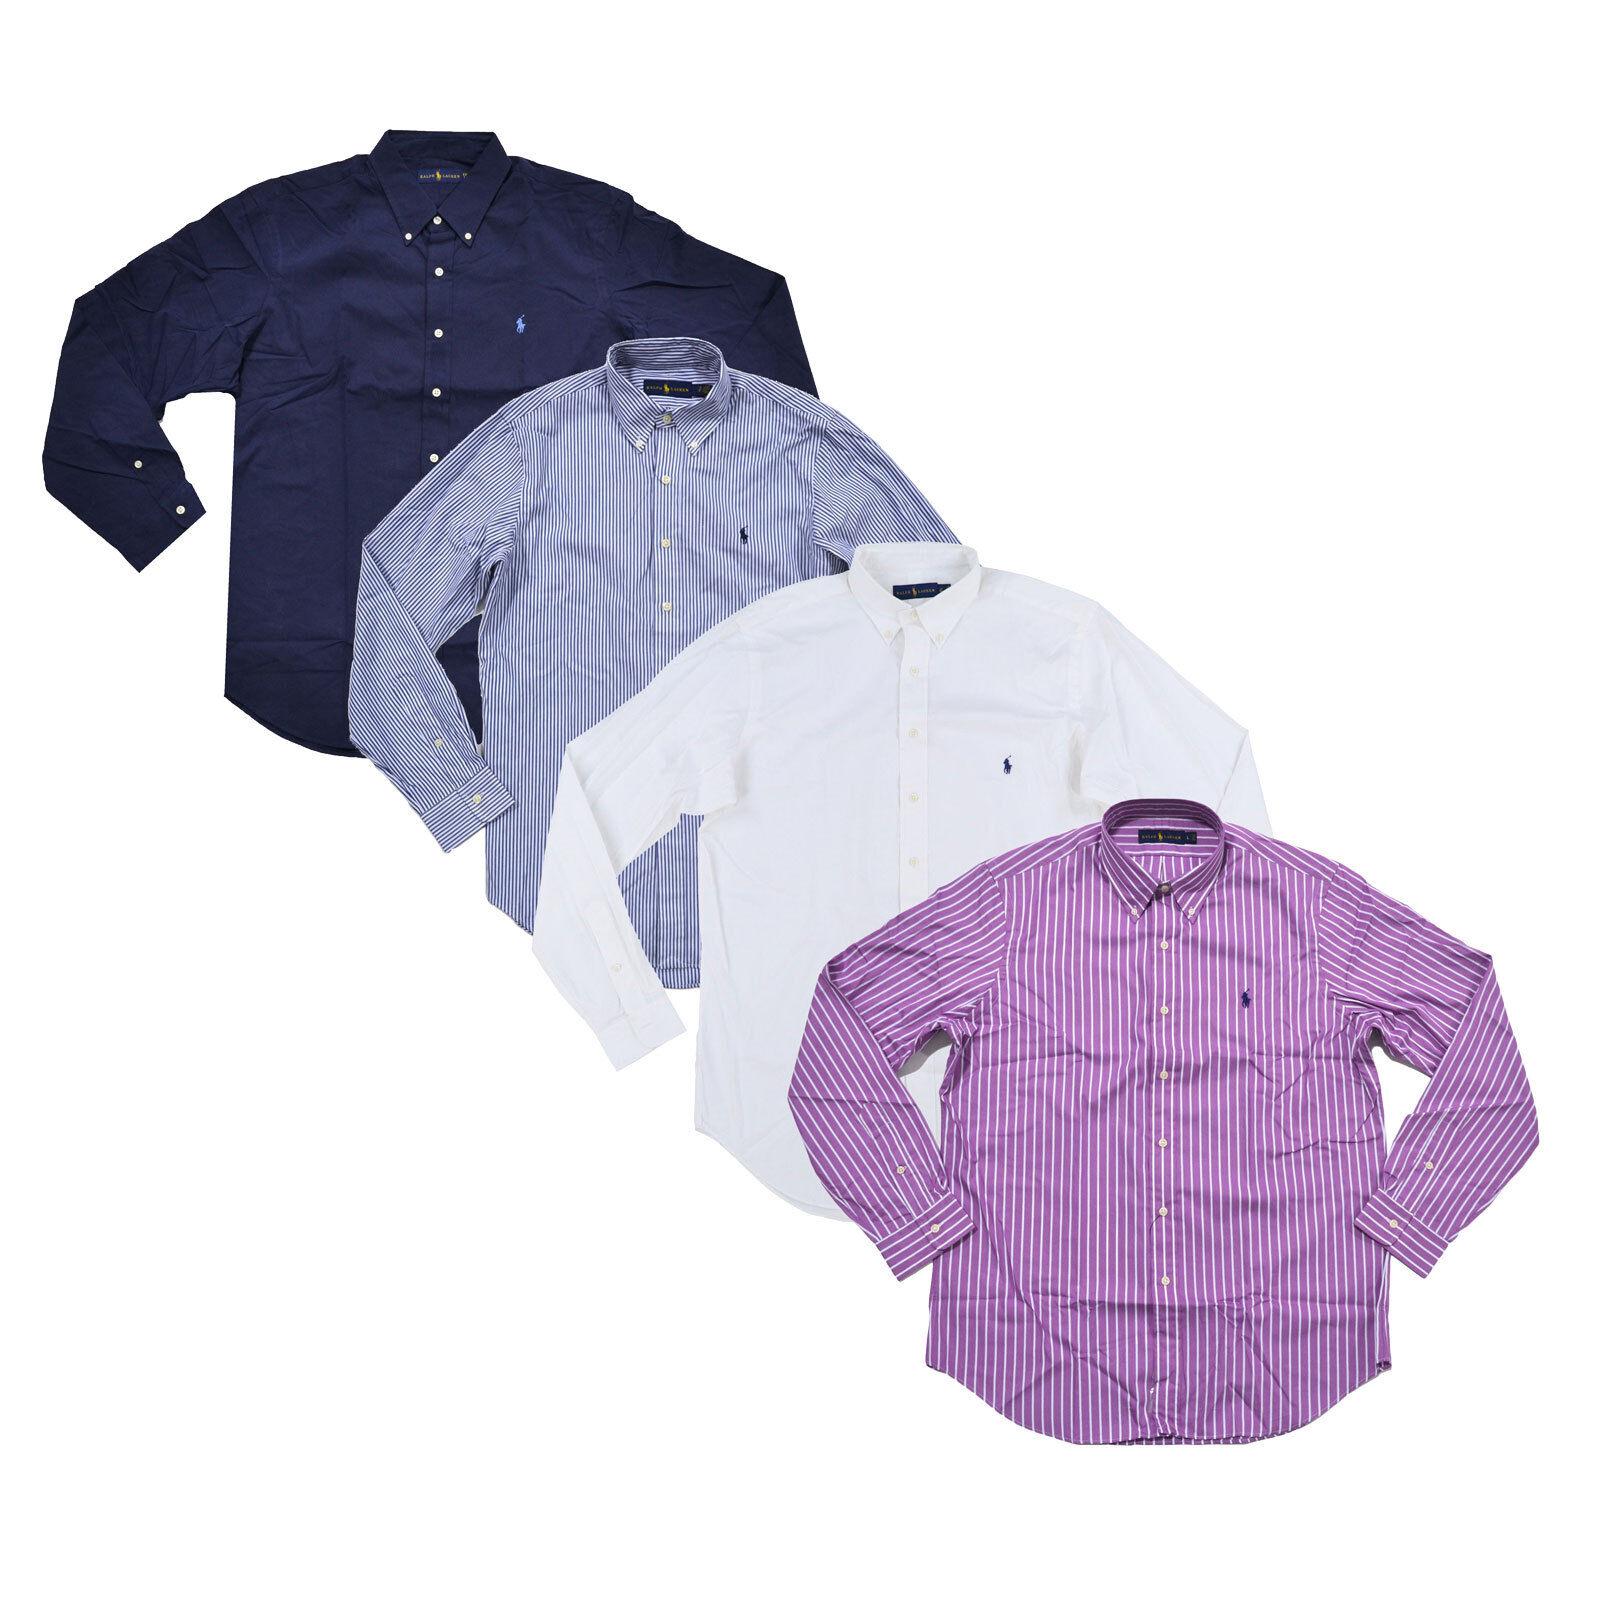 Ralph Lauren Mens Buttondown Shirt Long Sleeve Woven Standard Fit Lightweight Rl